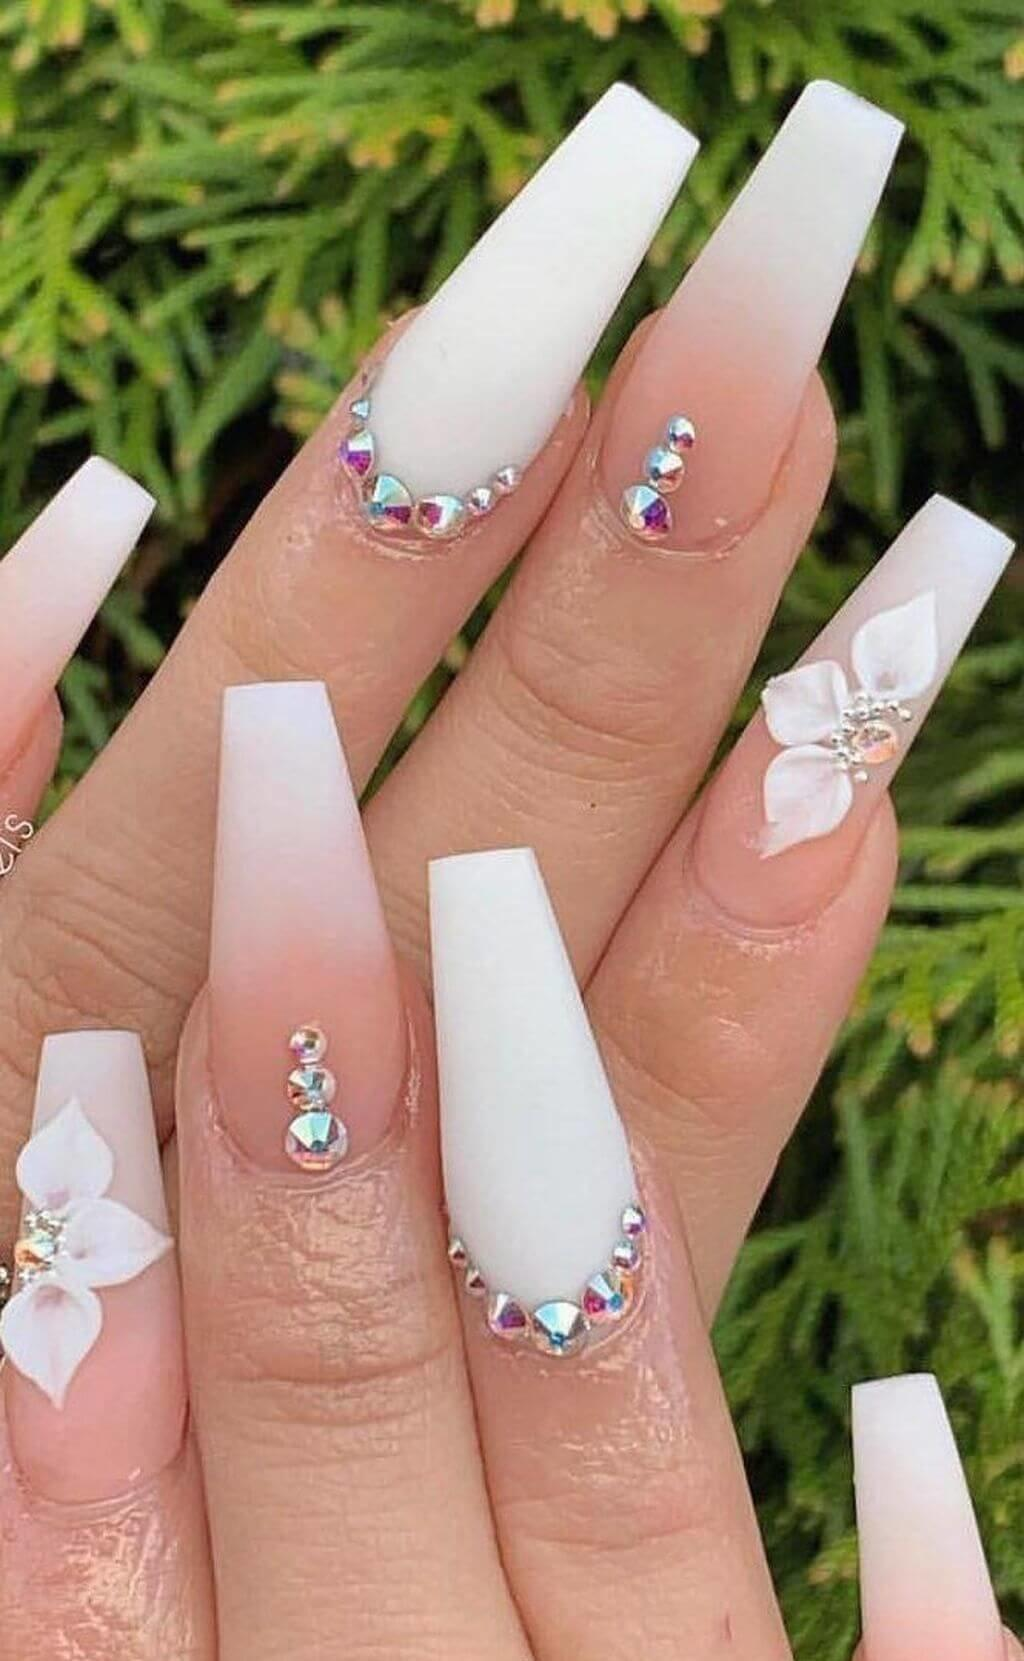 ongles d'ombre avec pierre pour le mariage